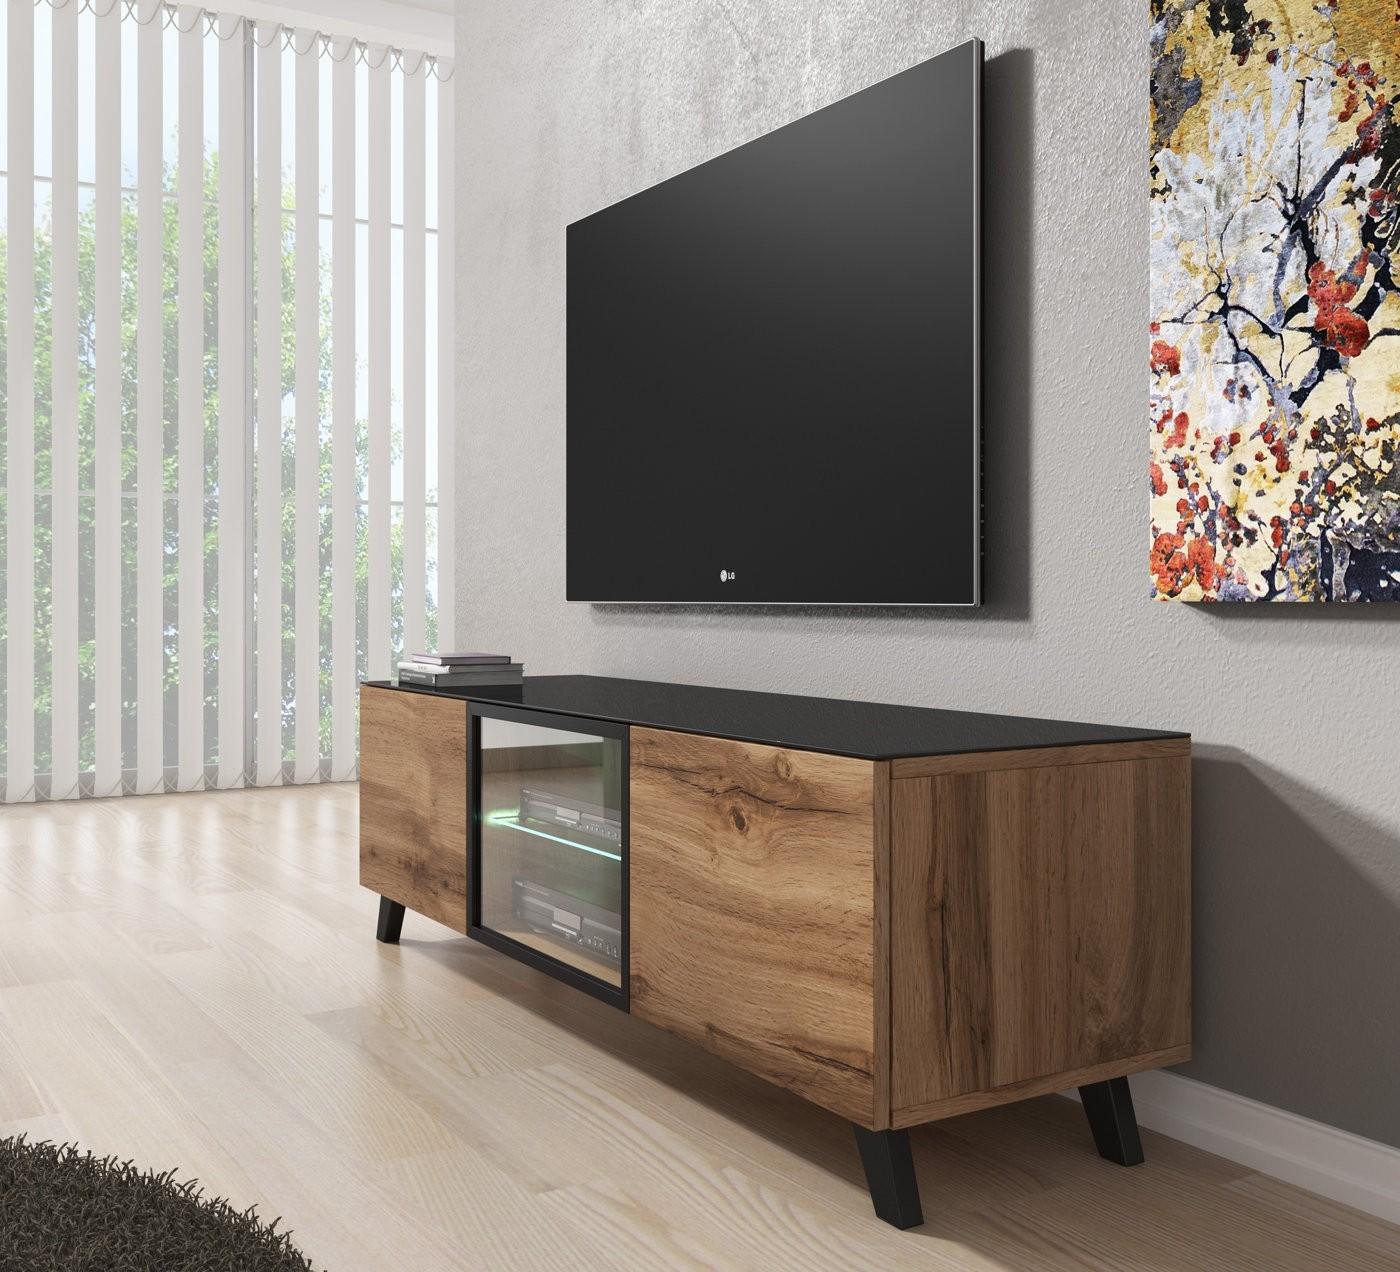 Tv Meubel 150 Cm.Tv Meubel Triptis Eiken Zwart 150 Cm Actie Meubella